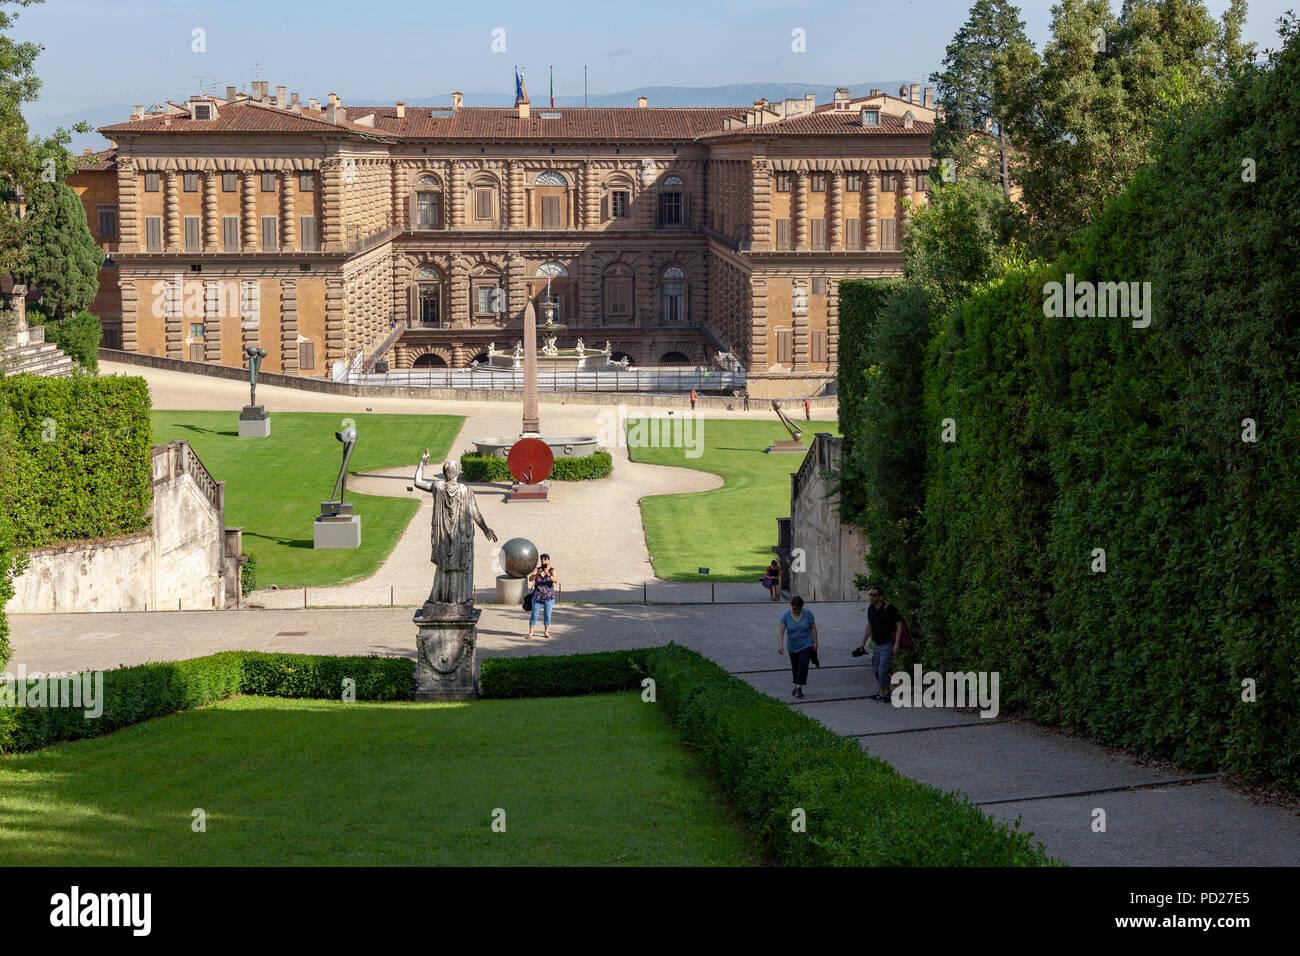 """Un coup de feu tiré de l'arrière-plan du Palais Pitti à un tirage au niveau de la """"fontaine de Neptune"""" plate-forme. L'arrière du Palais Pitti. Photo Stock"""